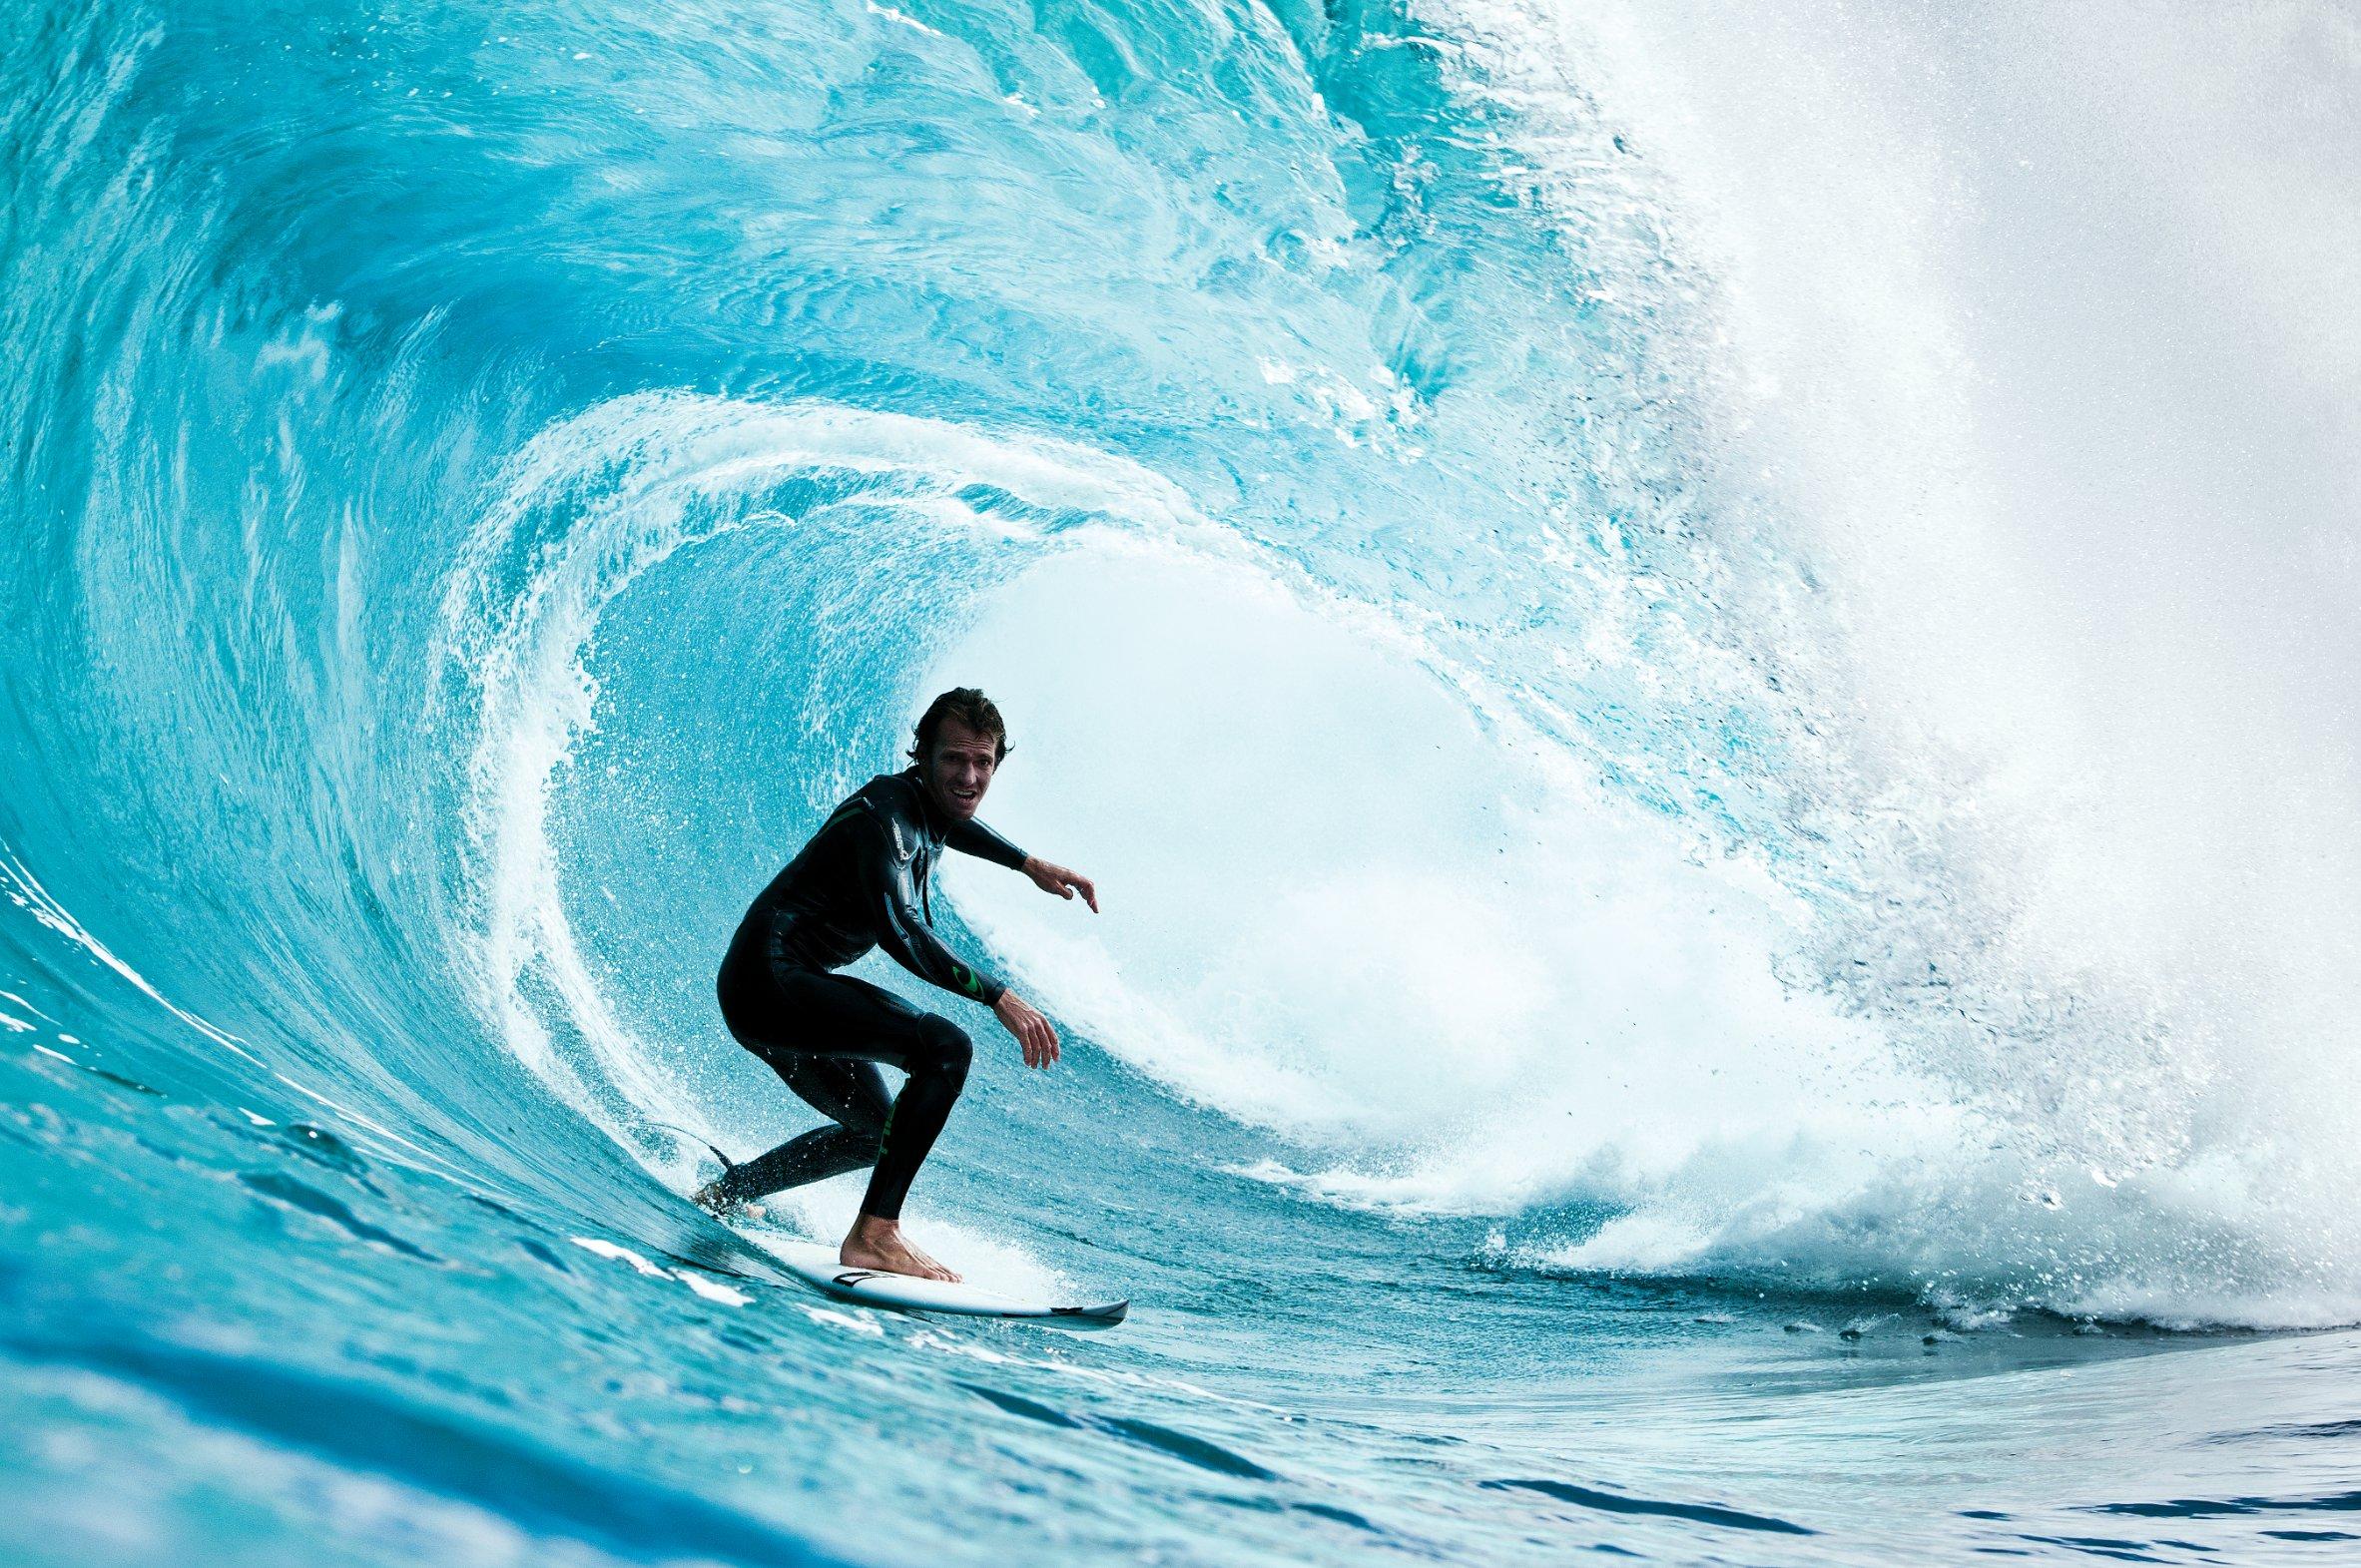 Checklist for Surfing